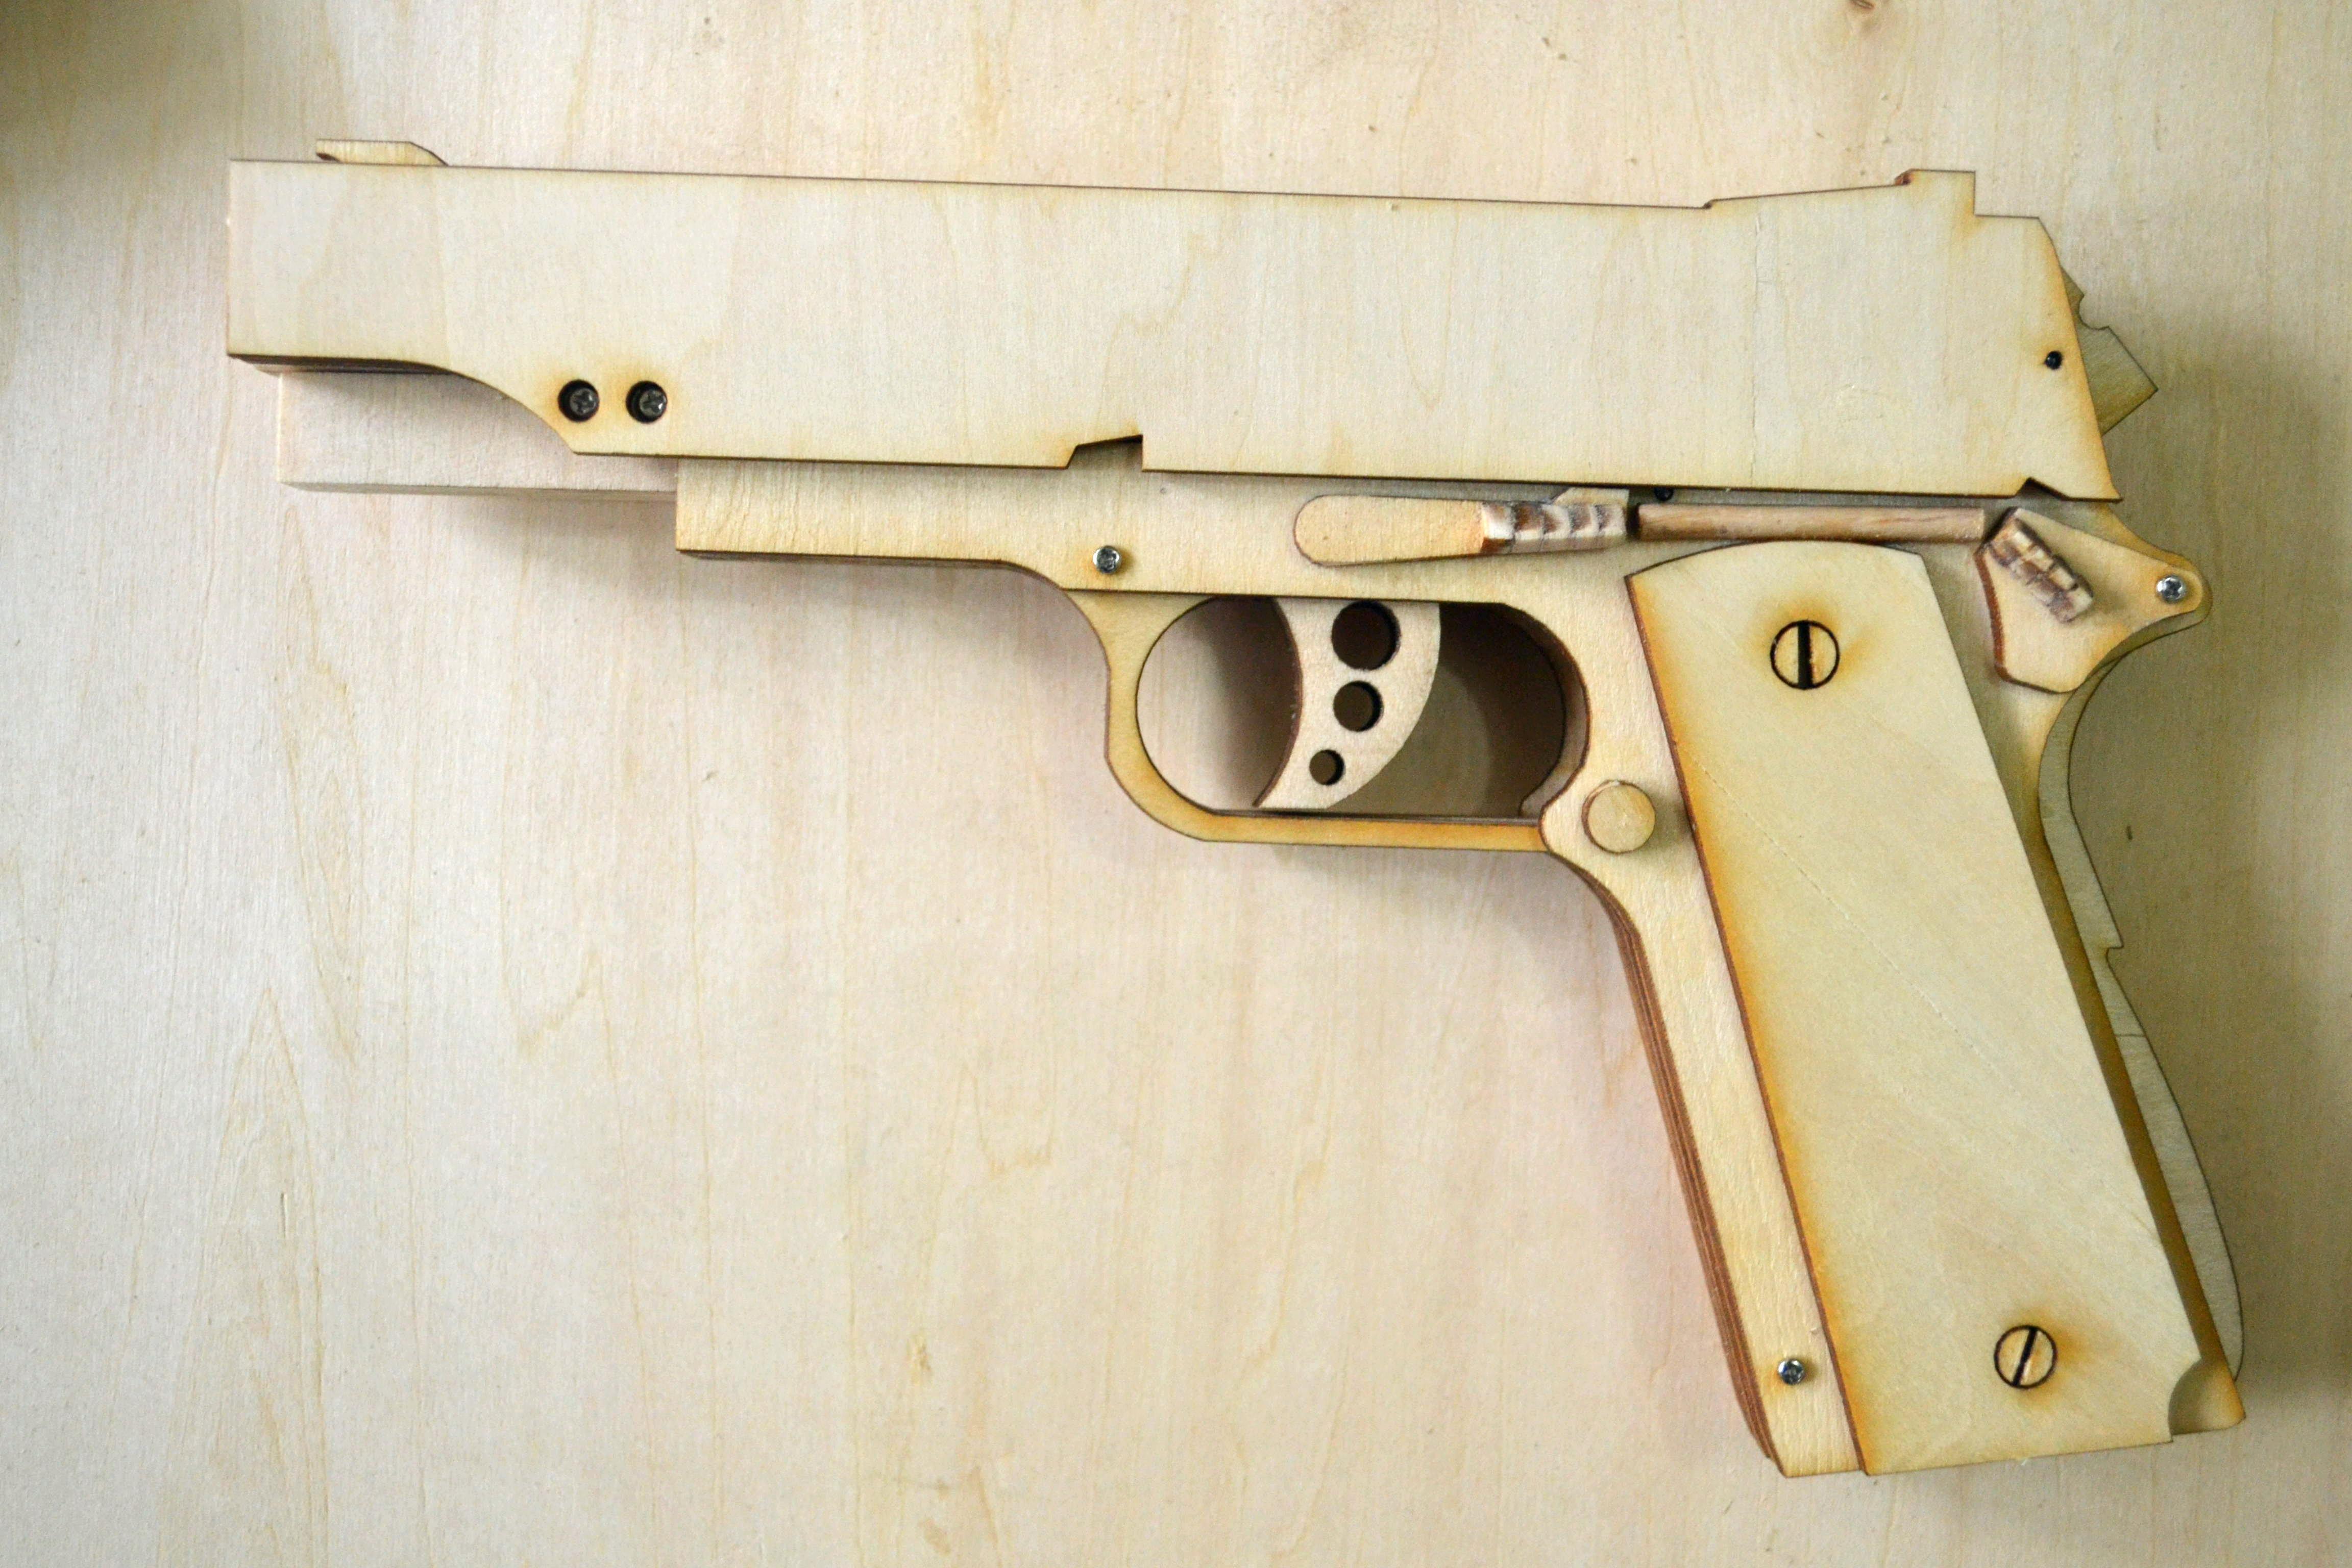 Wood Rubber Band Gun Assembly Guns Model Entertainment DIY ...